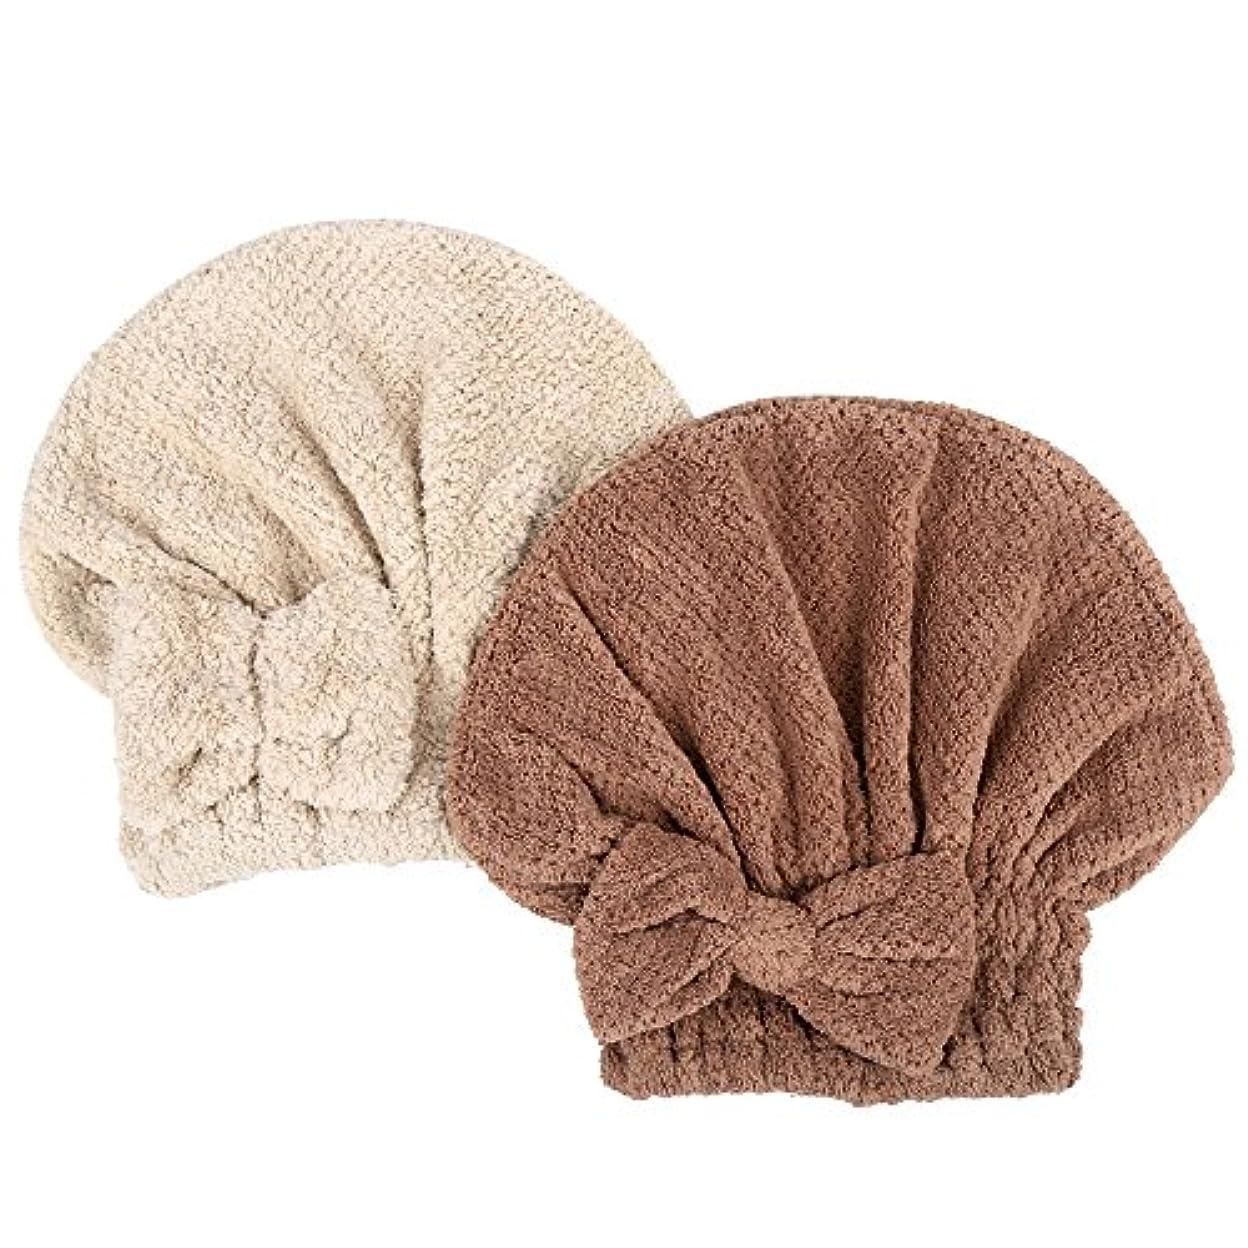 バドミントン反動砲撃KISENG タオルキャップ 2枚セット ヘアドライタオル 短髪の人向き ヘアキャップ 吸水タオル 速乾 ふわふわ お風呂 バス用品 (ベージュ+コーヒー)